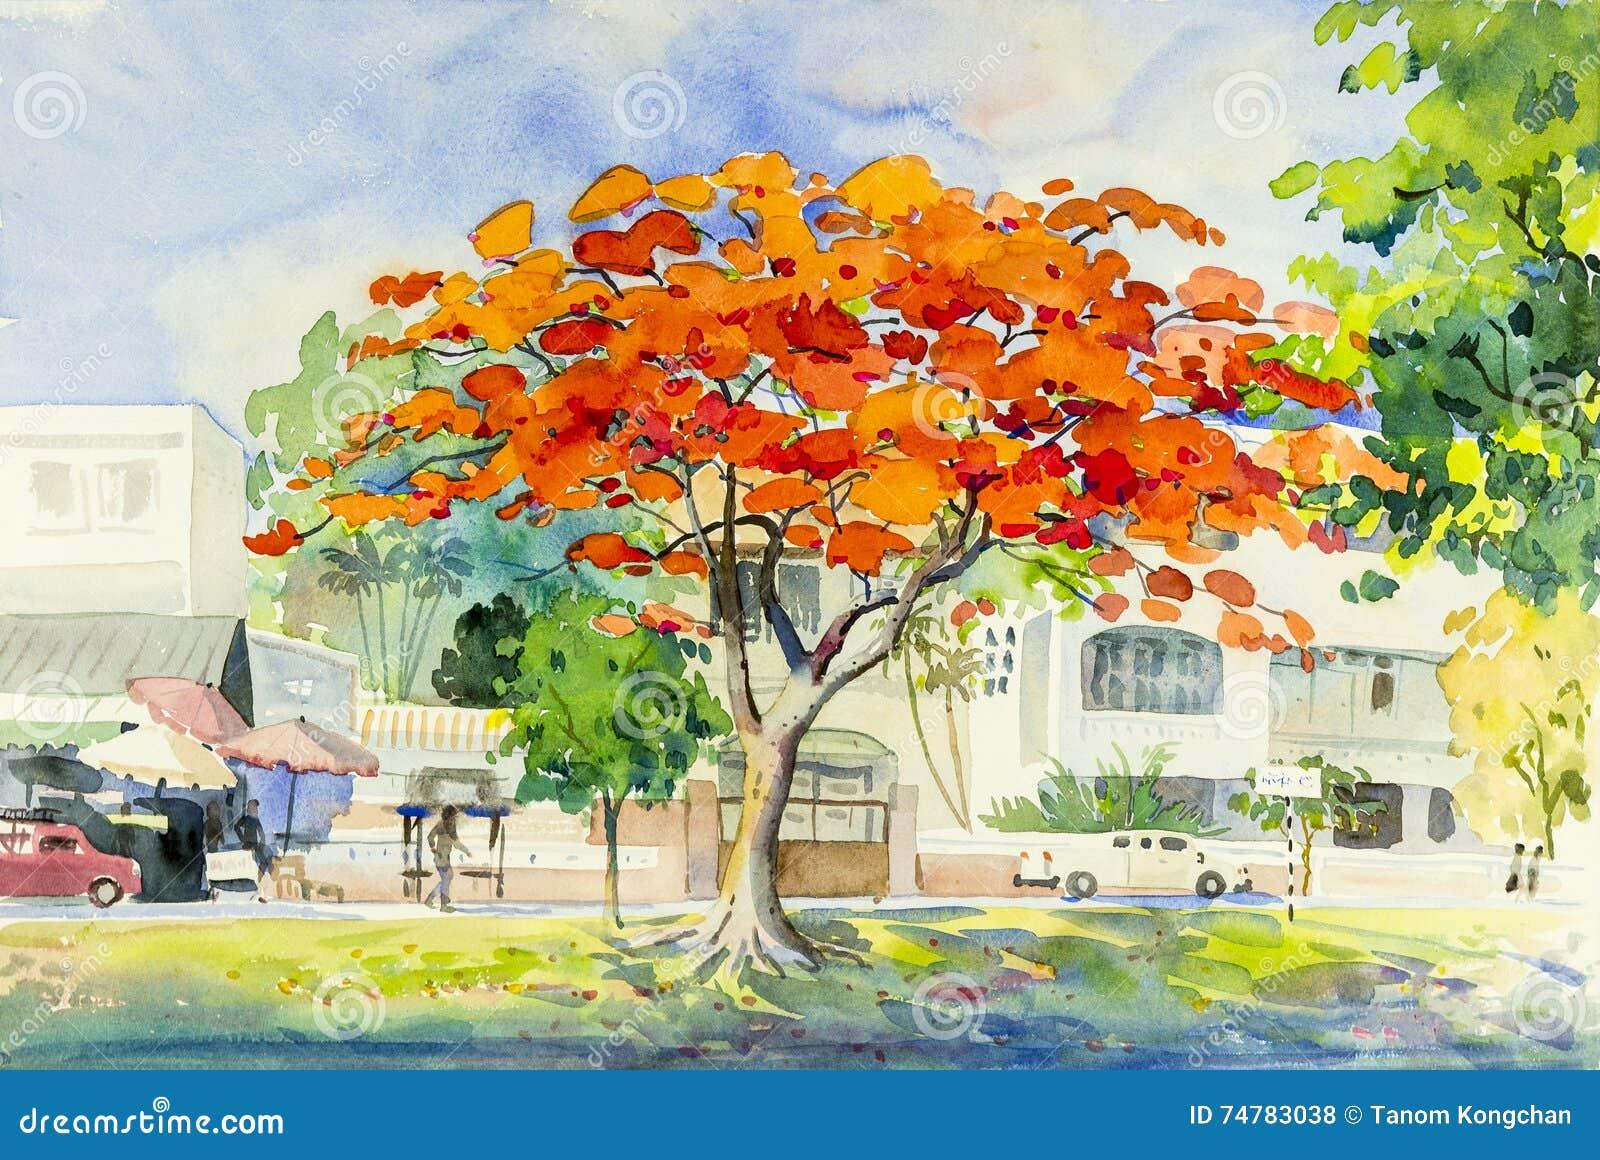 Gestalten Sie ursprüngliches buntes des Pfaublumenbaums und -gefühls landschaftlich